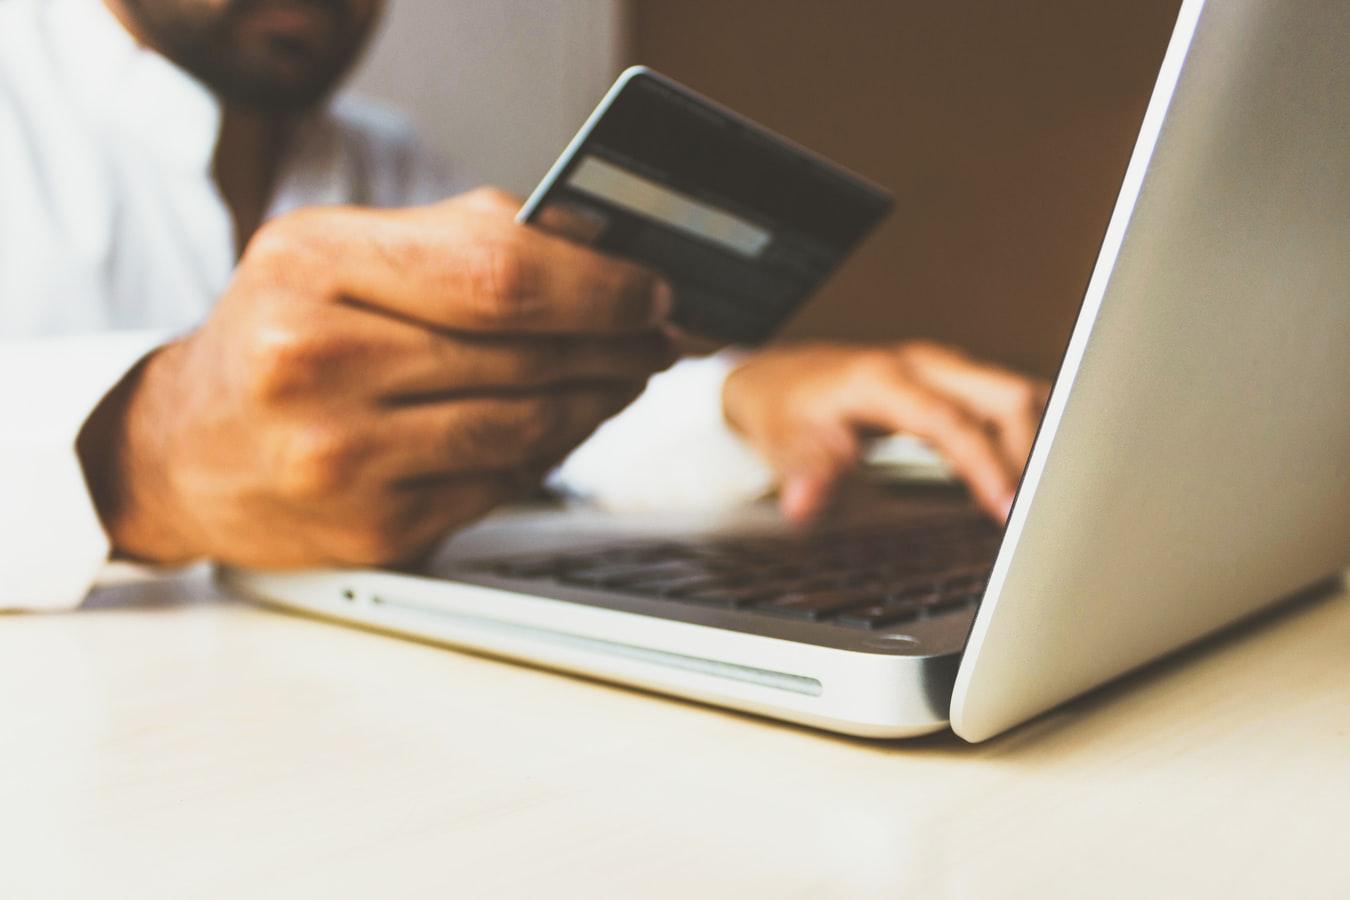 Πρόστιμο 250.000 ευρώ σε γνωστό ηλεκτρονικό κατάστημα -Δεν παρέδιδε τα προϊόντα